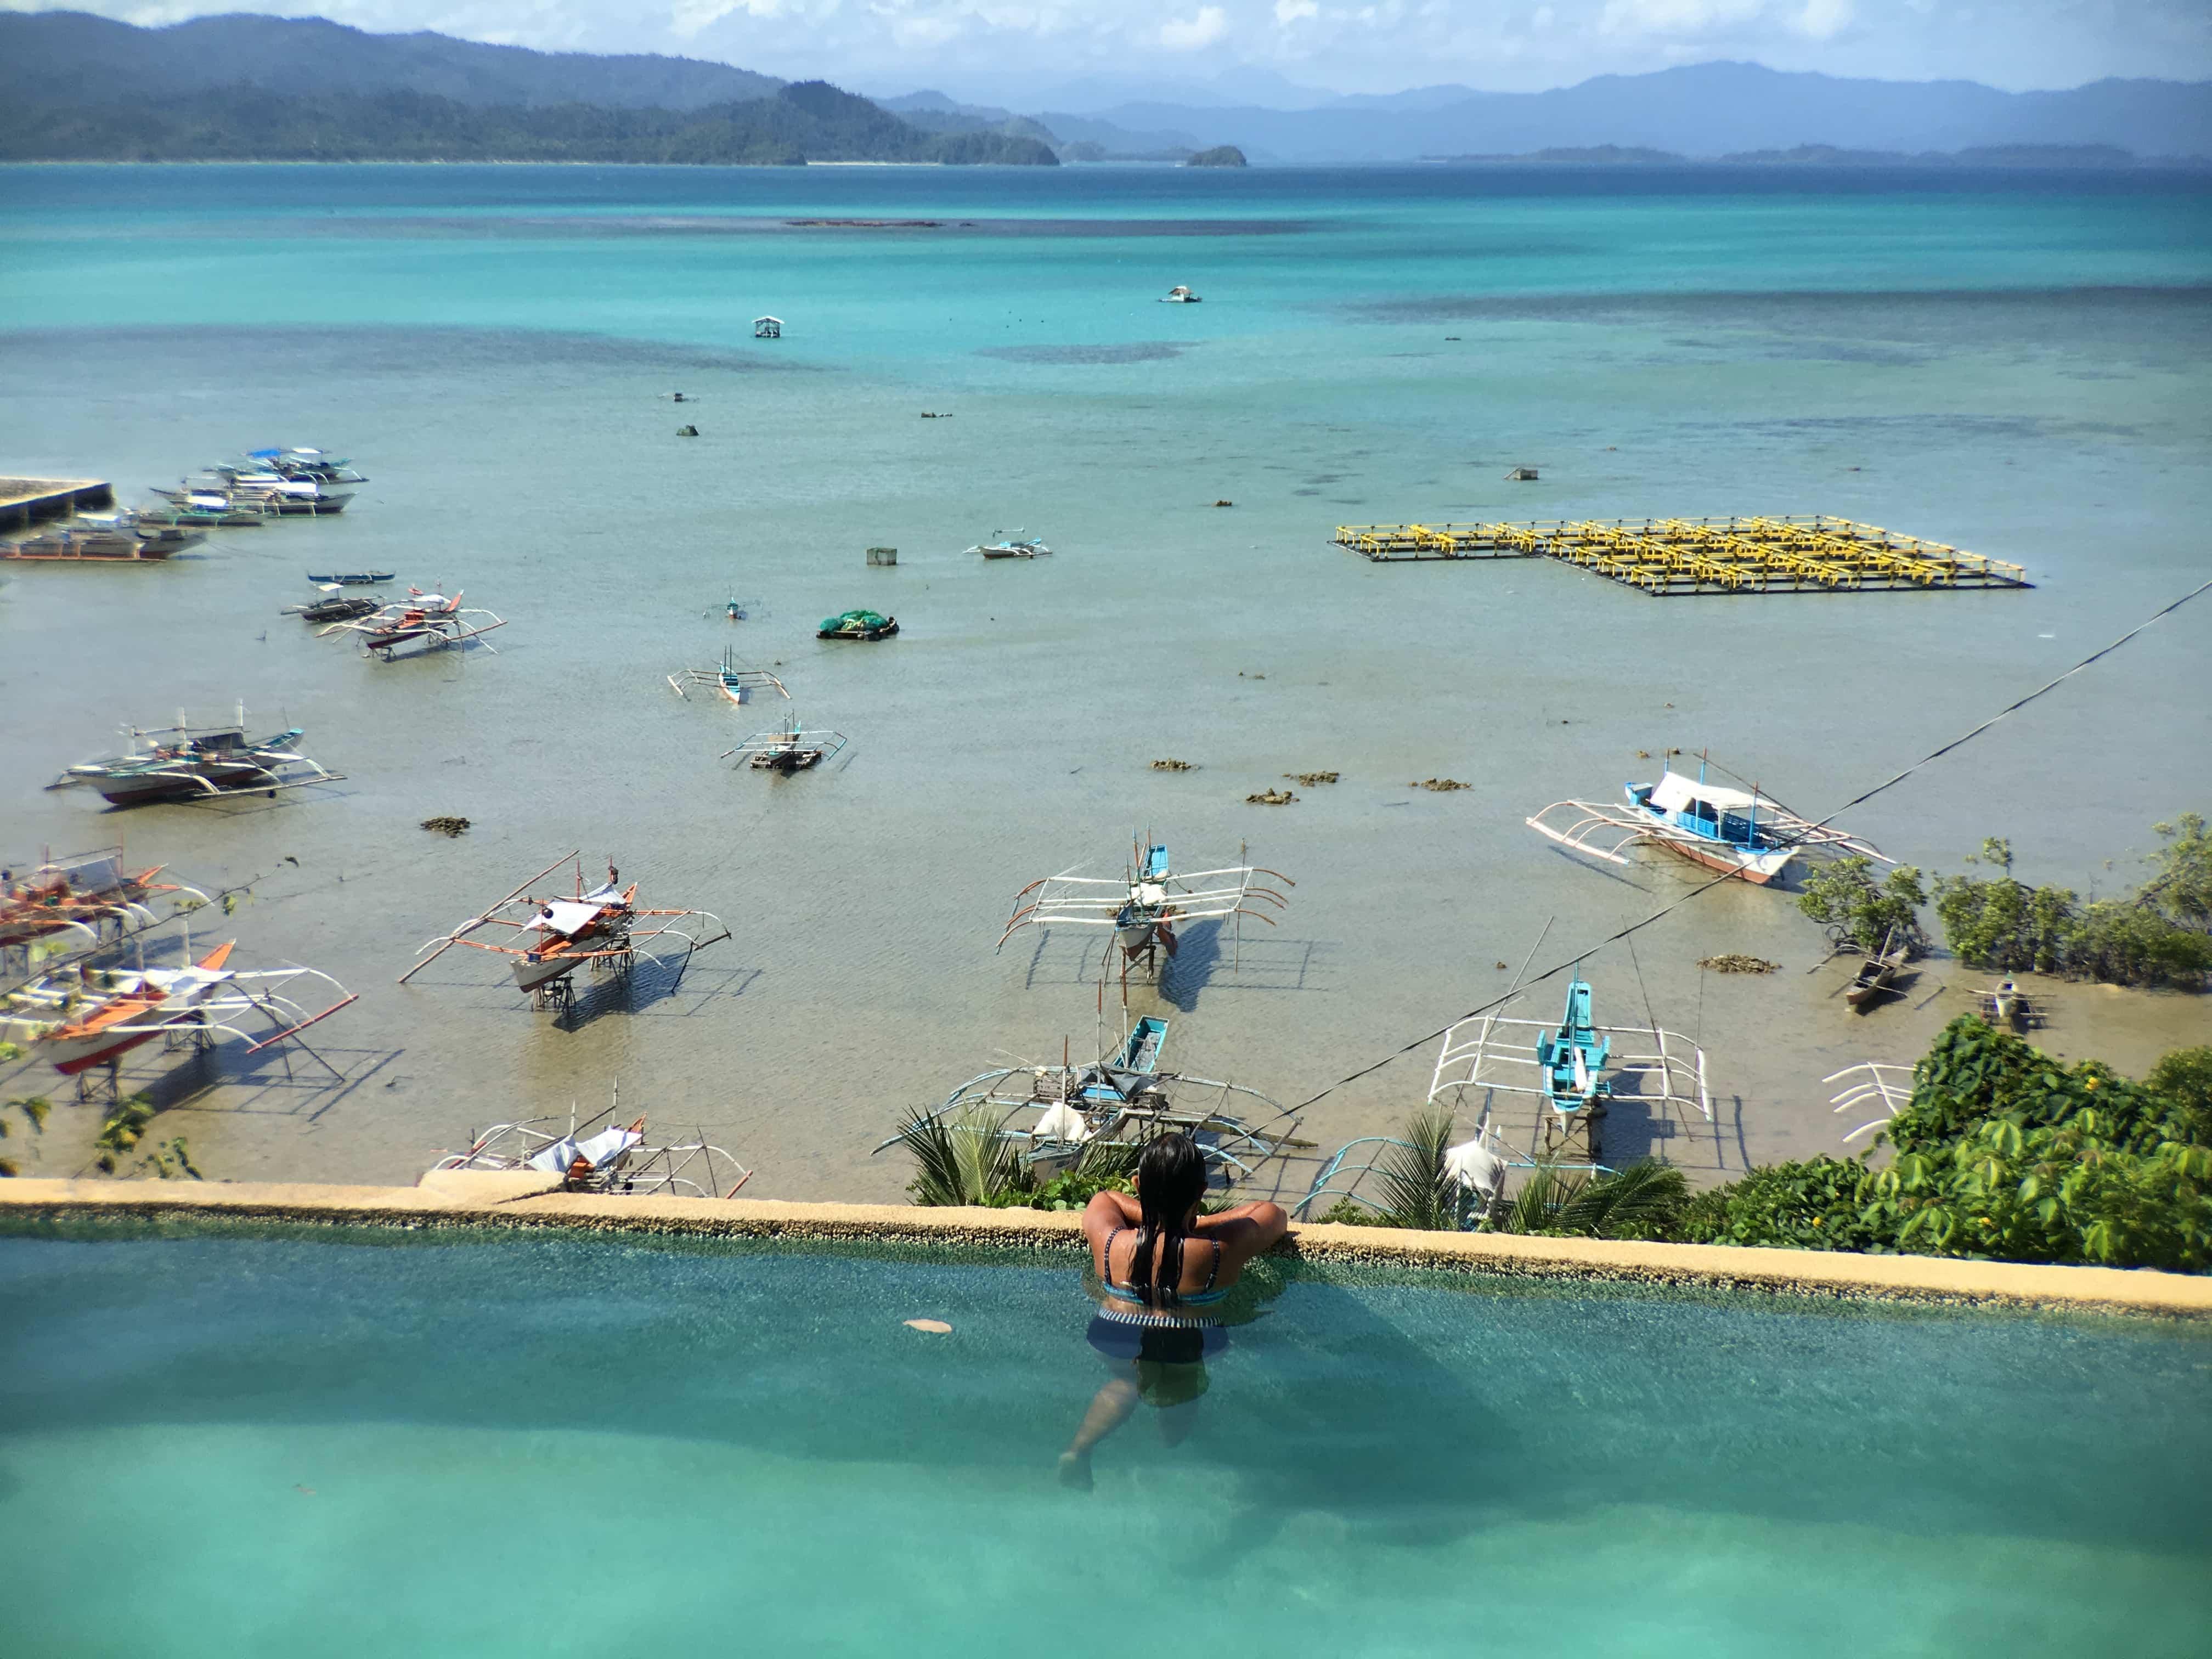 Palawan tourist spots, San Vicente